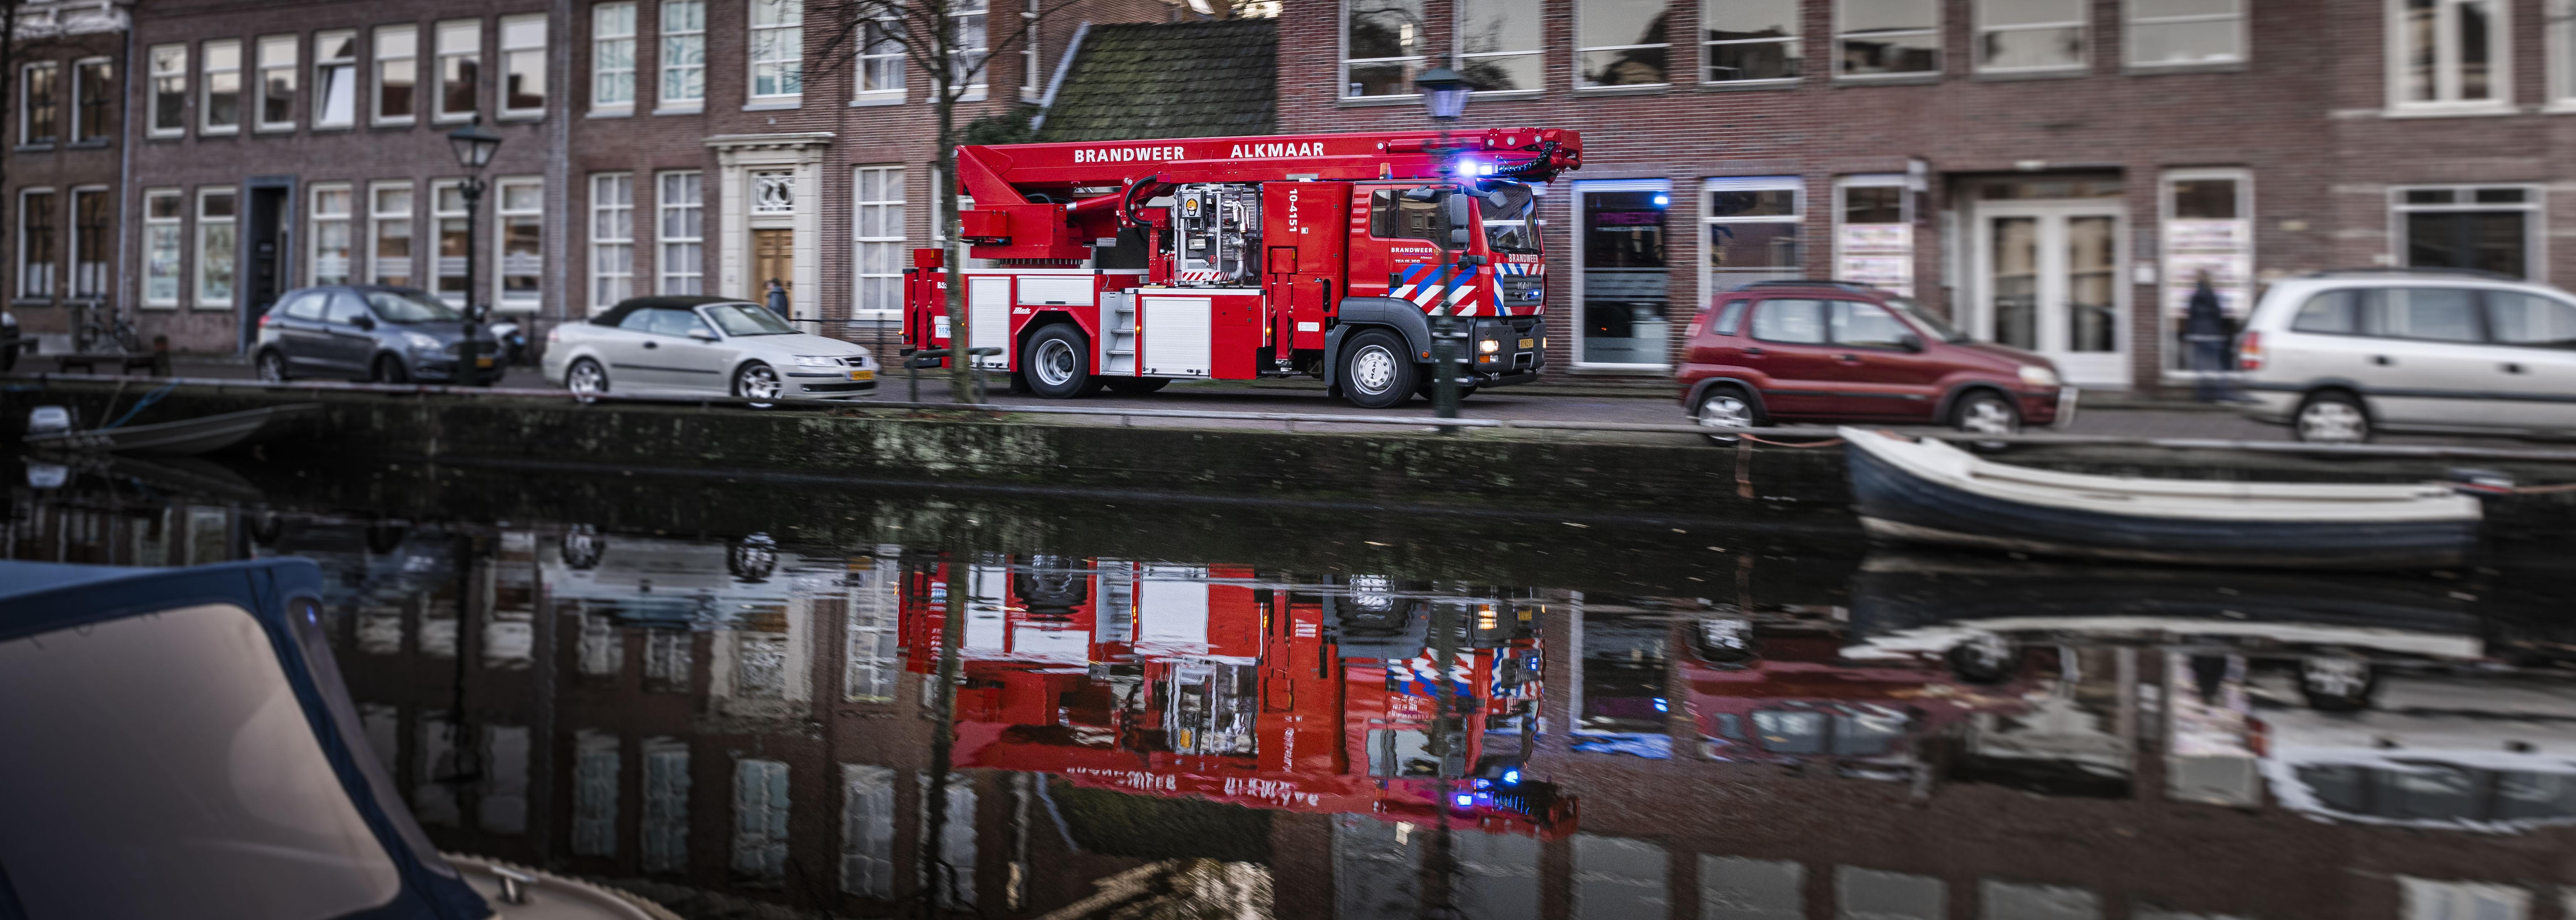 Brandweer in Alkmaar heeft weer eigen hoogwerker, na 'uitglijder' met vertrouwde ladderwagen